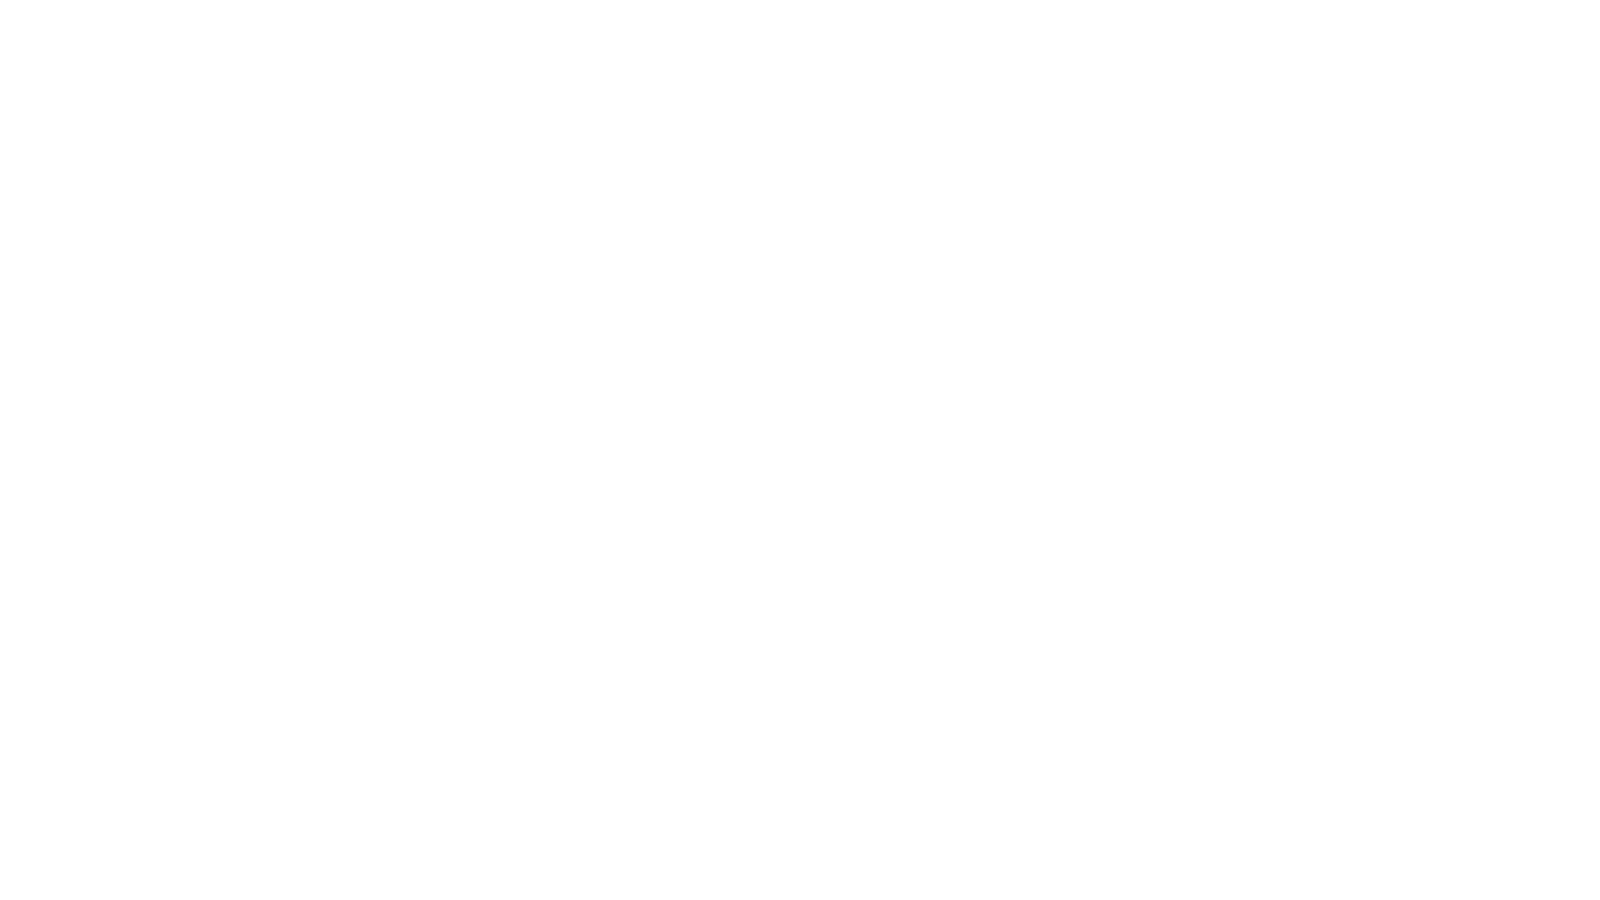 Embarquez avec nous pour un essai routier et une présentation au showroom de cette McLaren 720S Track Pack dans sa teinte Ceramic Grey !  Pour plus d'informations sur le véhicule: https://conceptsportautomobiles.com/vehicules-a-vendre/mclaren-720s-4-0-v8-performance-track-pack/  Notre Instagram: concept_sport_automobiles  L'essais de Chris Harris: https://www.youtube.com/watch?v=tcf6pYvirbg  La télémetrie: https://www.youtube.com/watch?v=yp07SJ51_L4